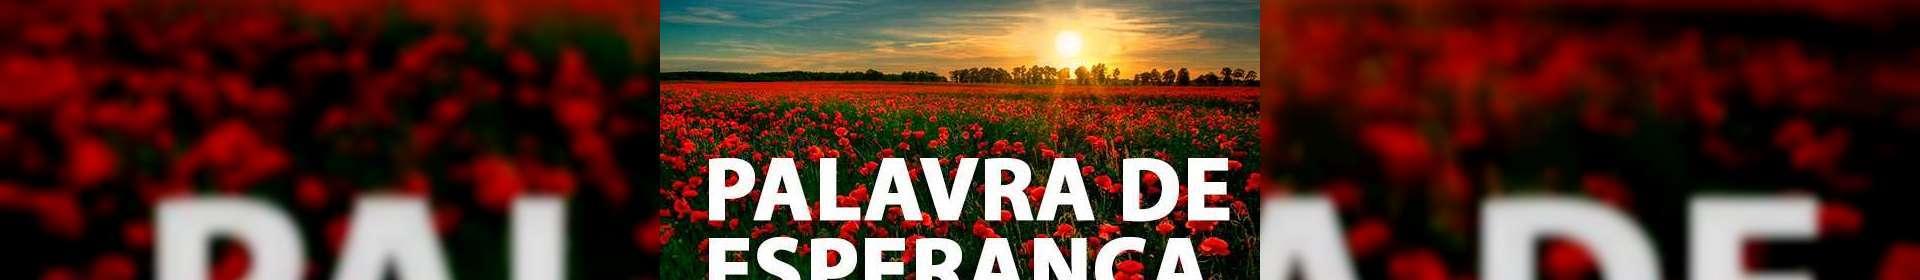 Provérbios 15:3 - Uma Palavra de Esperança para sua vida